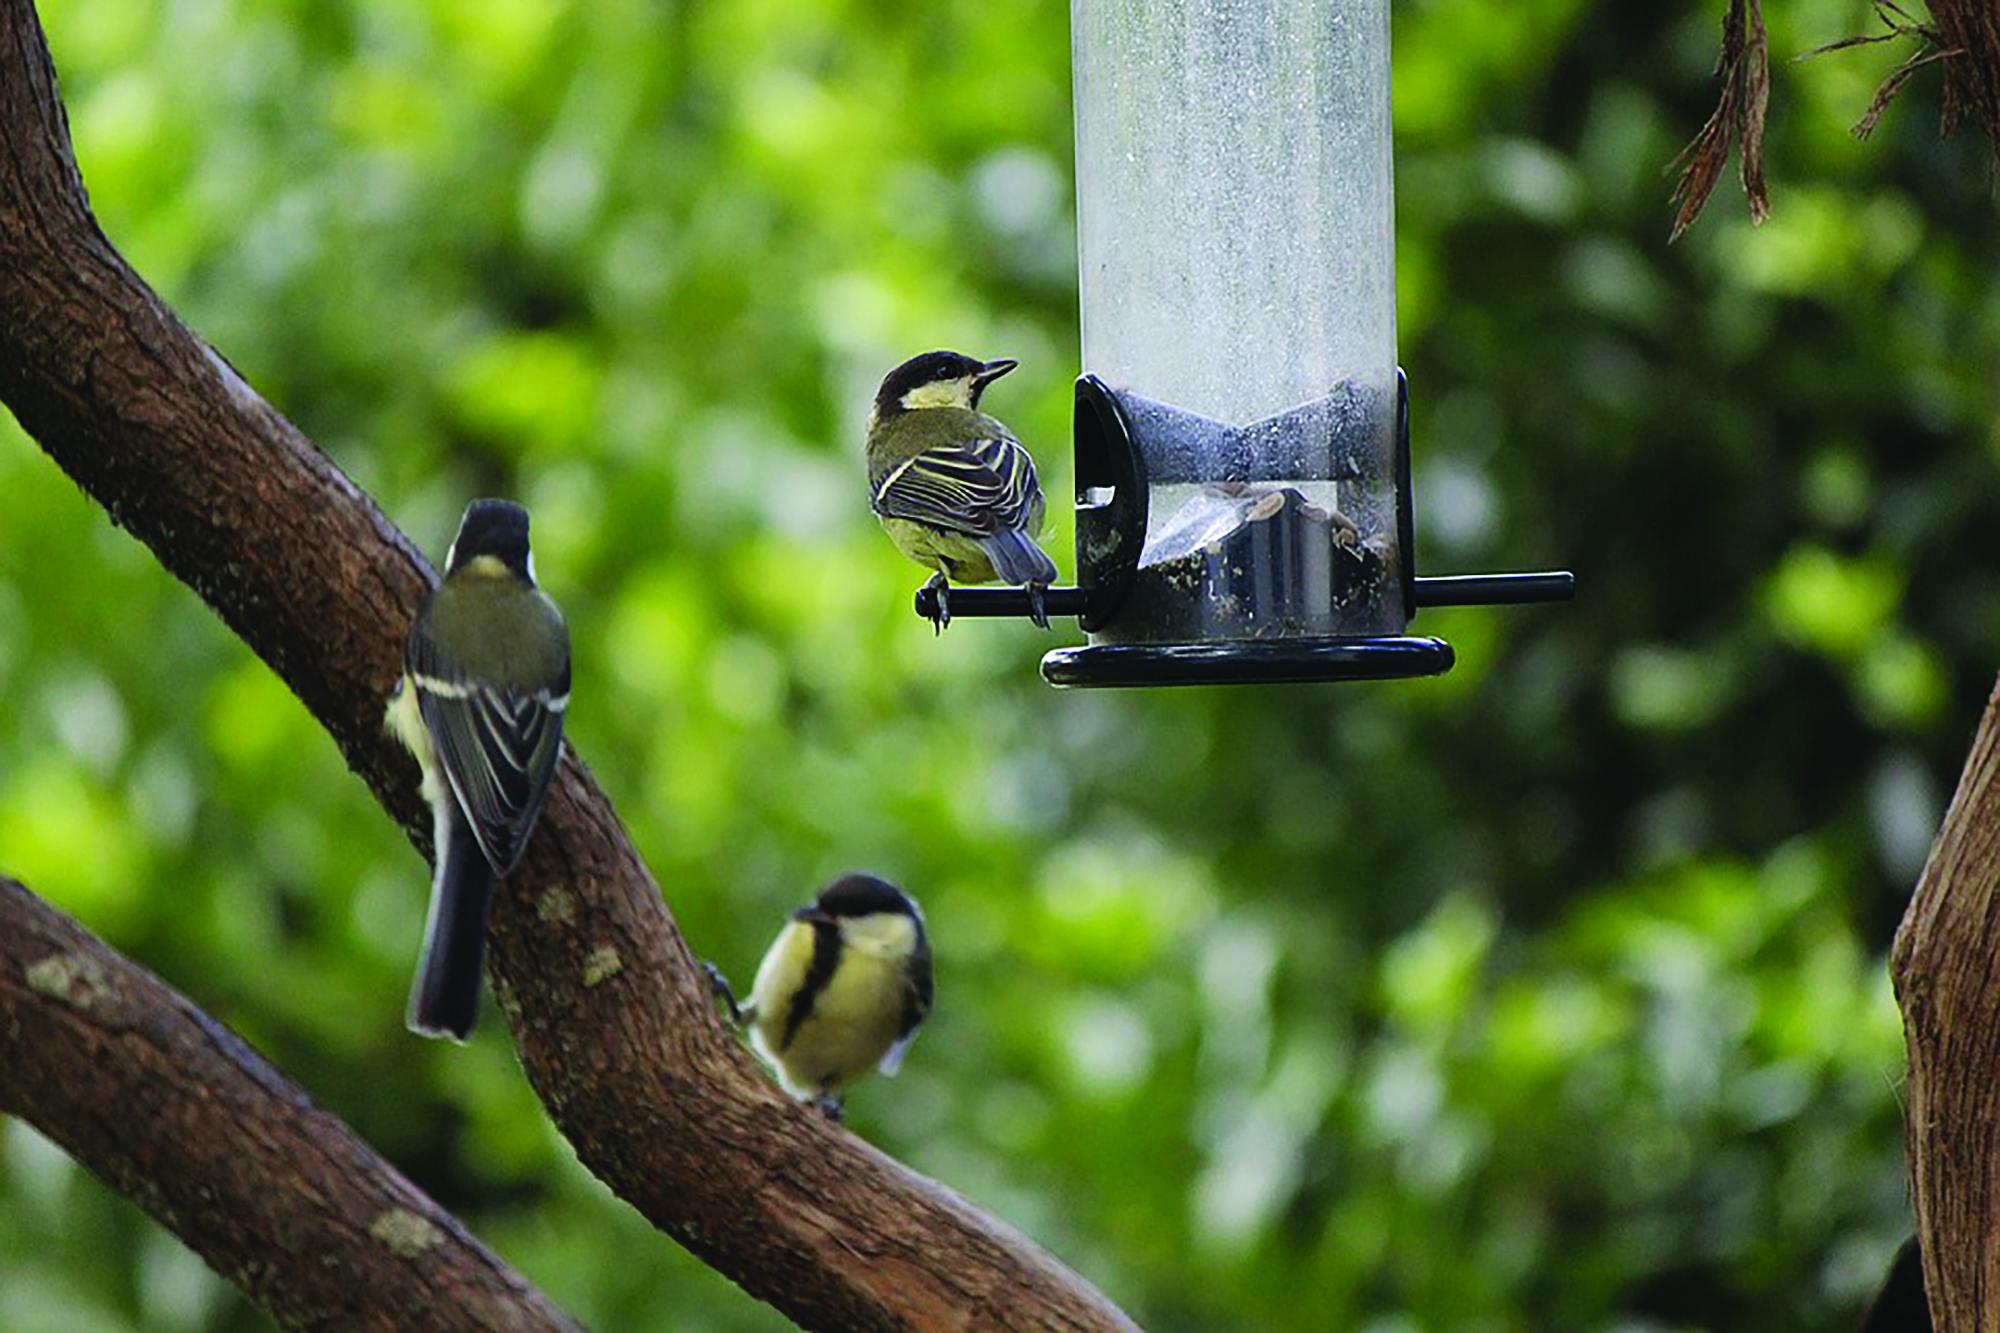 Fugler på fuglebrett. Foto: Pixabay.